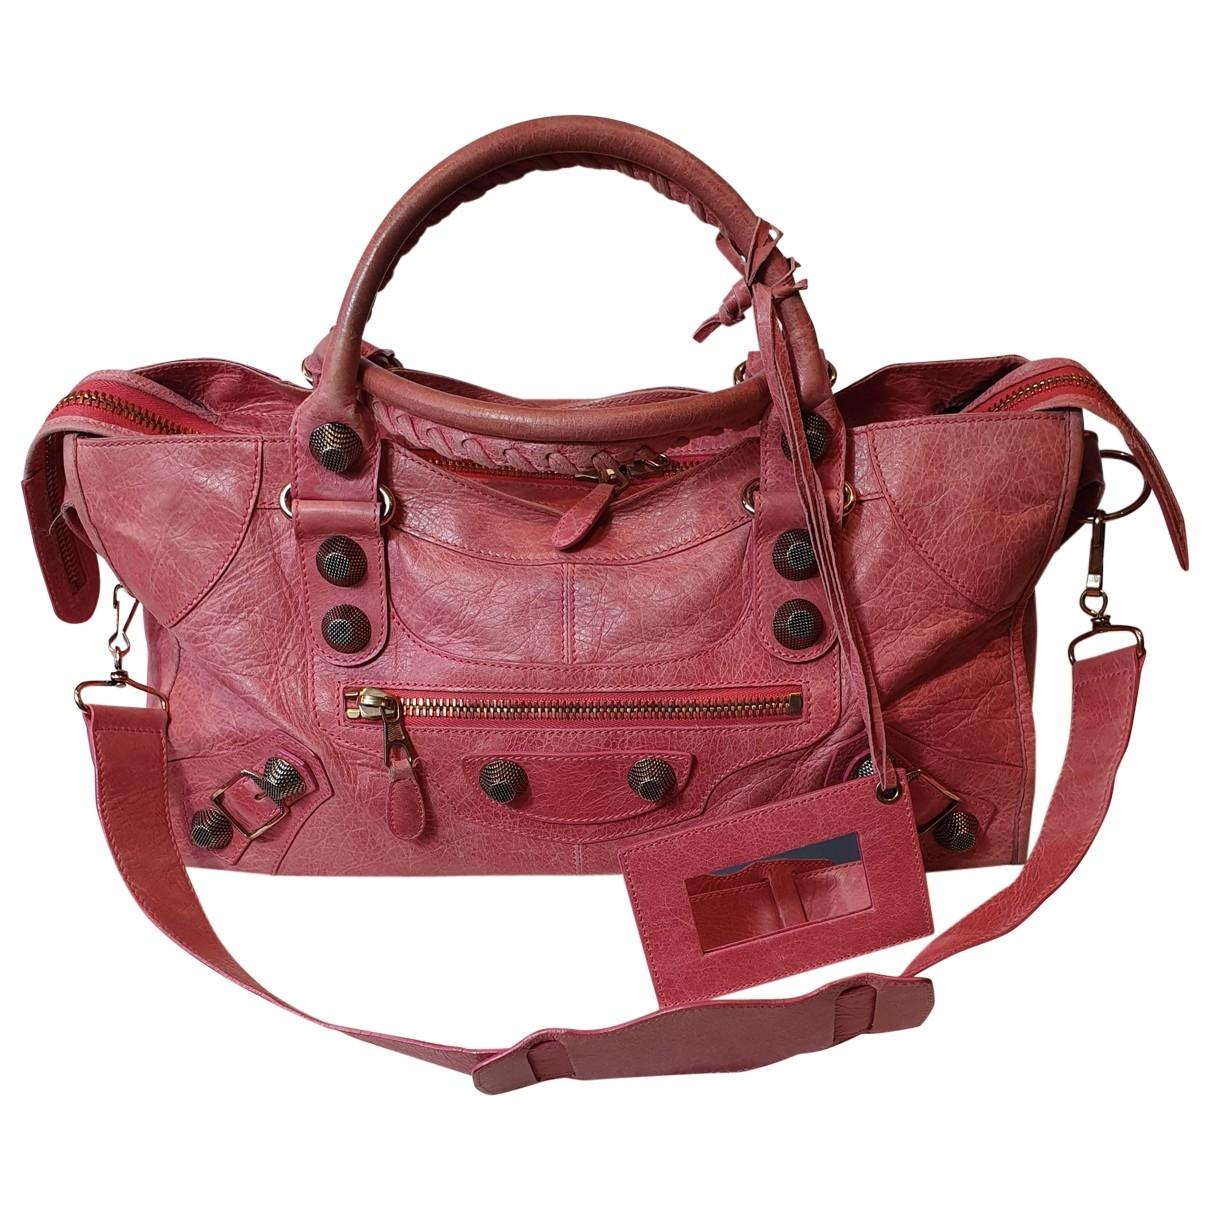 Balenciaga - Sac a main City pour femme en cuir - rose